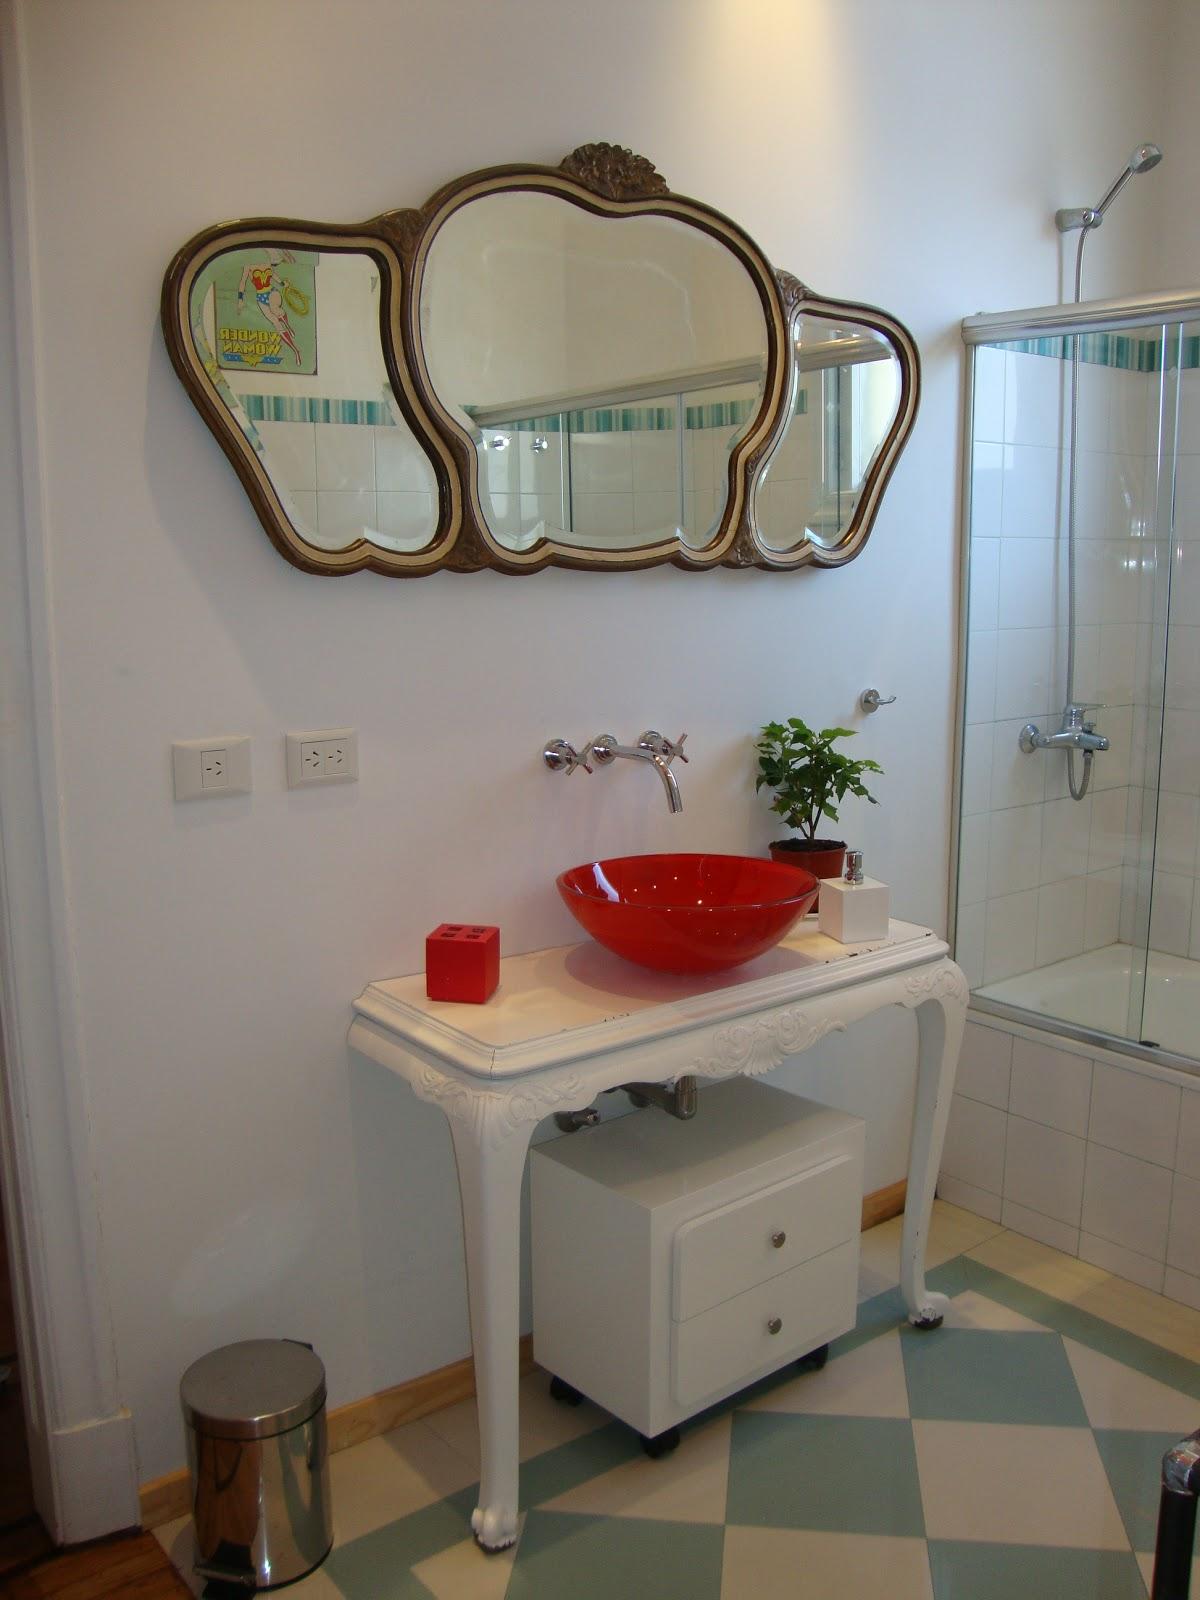 Bachas Para Baño Roja: retro se uso media mesa estilo provenzal para apoyo de bacha vidrio